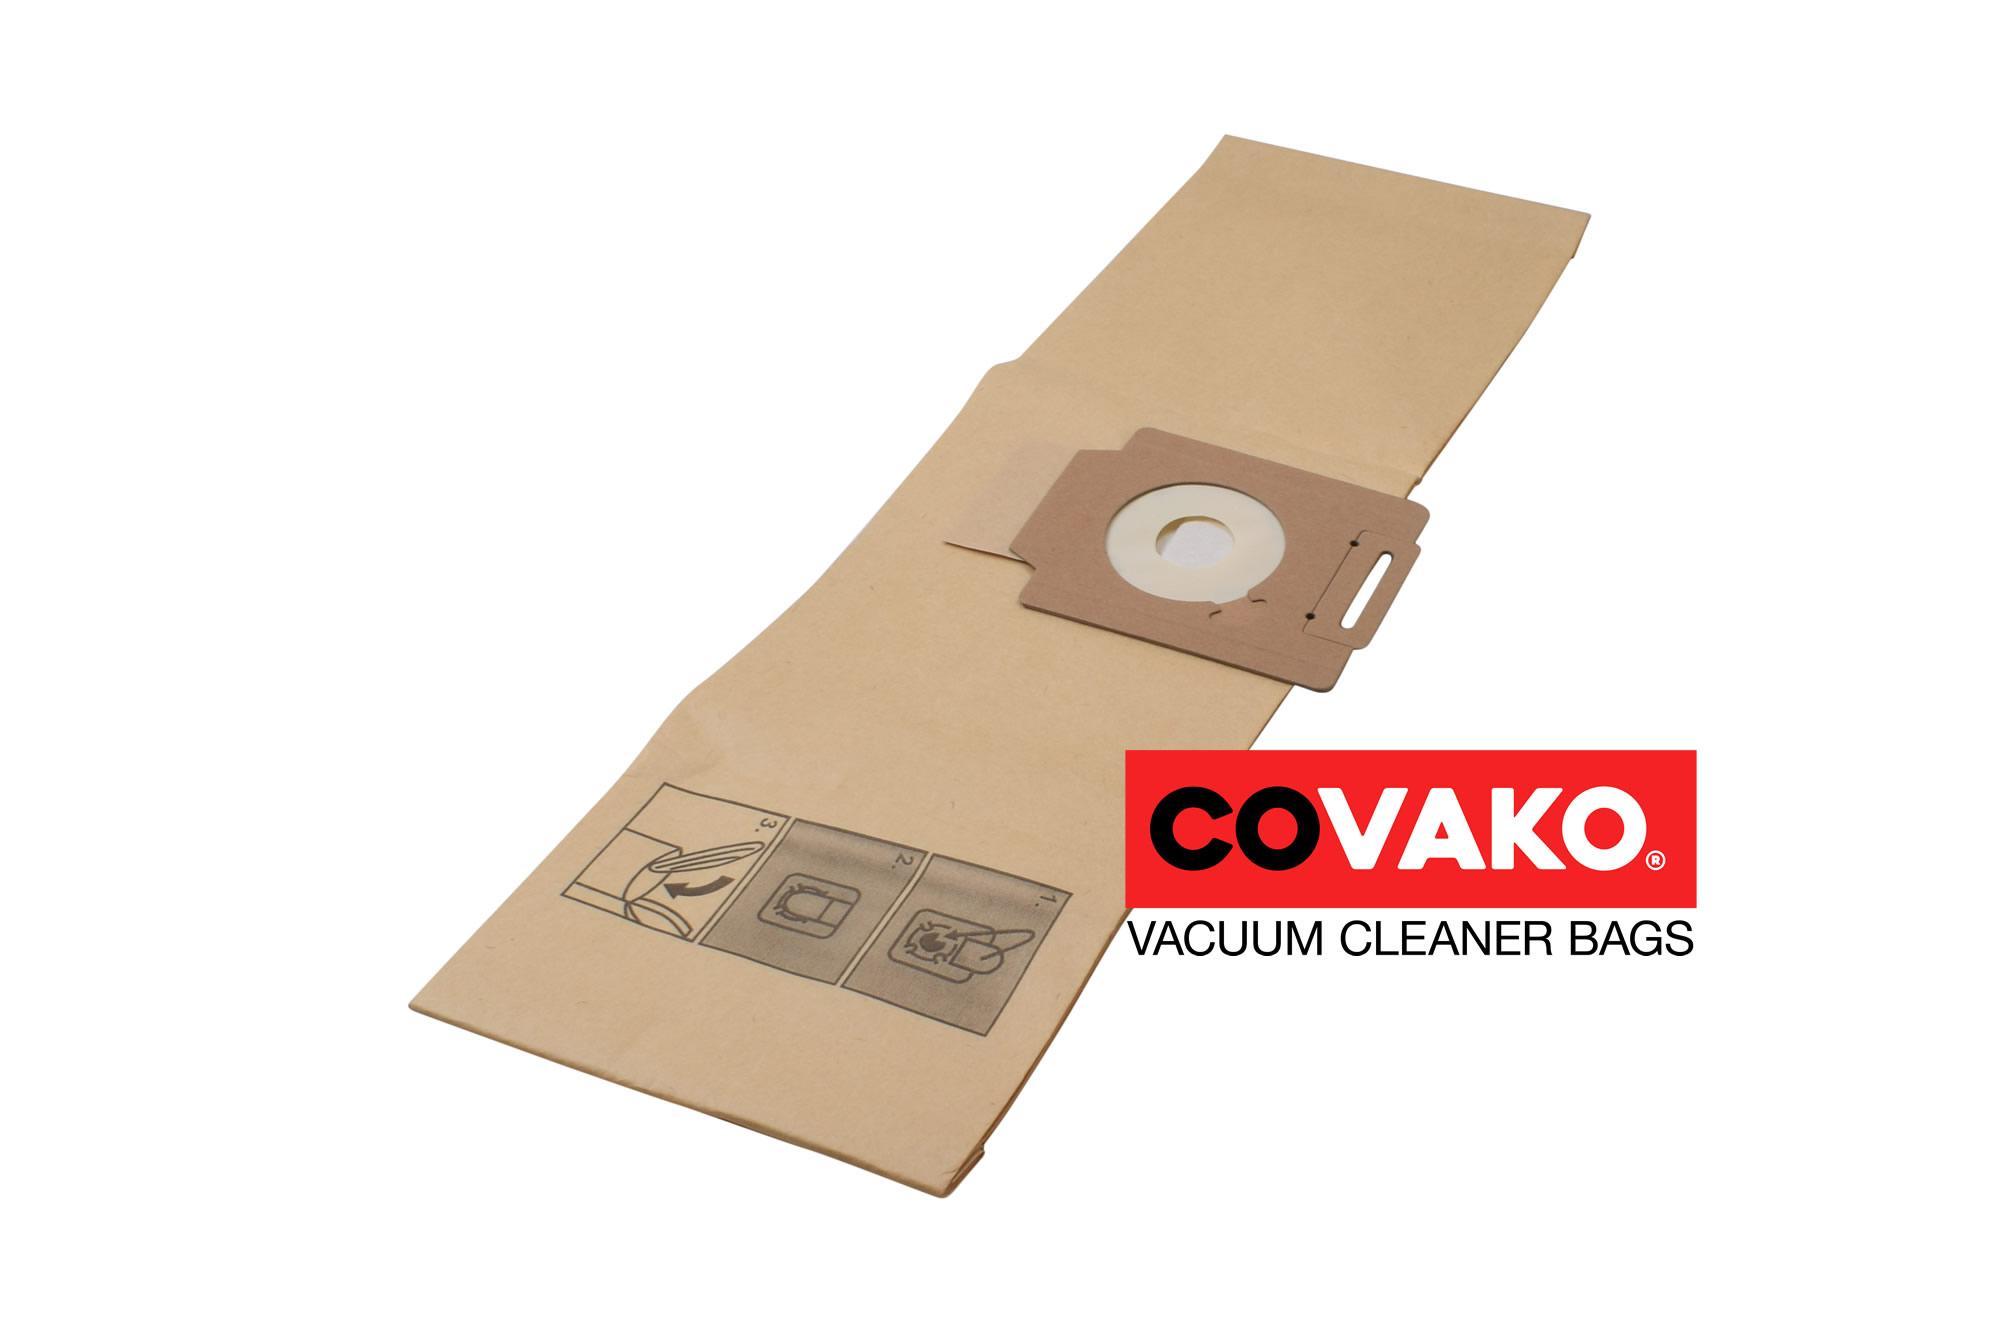 Wetrok Monovac 6 Plus / Papier - Wetrok sacs d'aspirateur